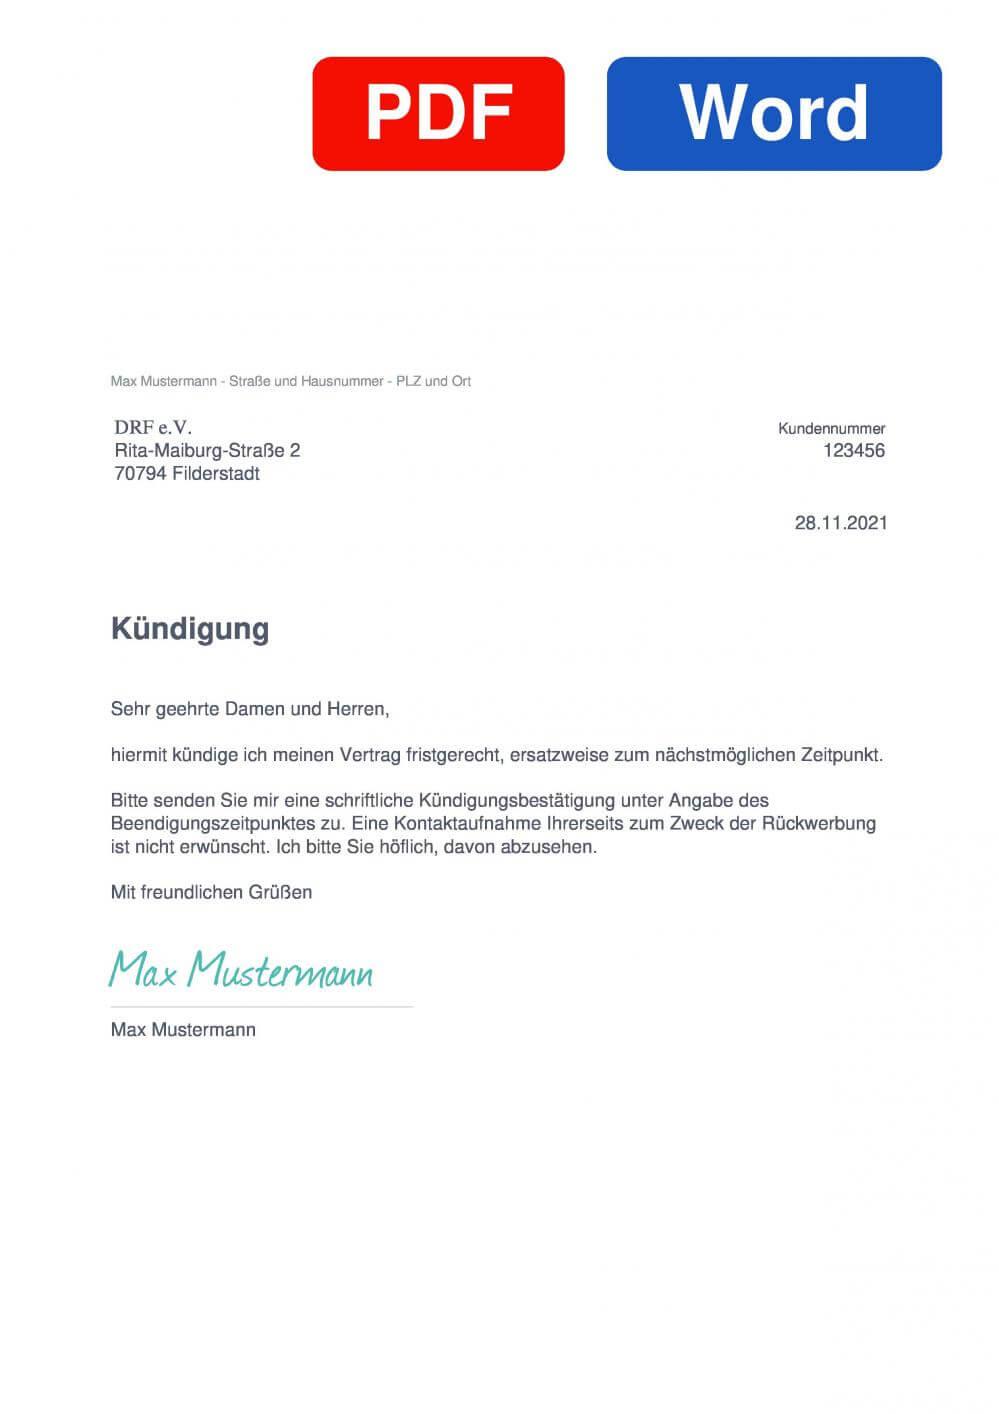 DRF Luftrettung Muster Vorlage für Kündigungsschreiben